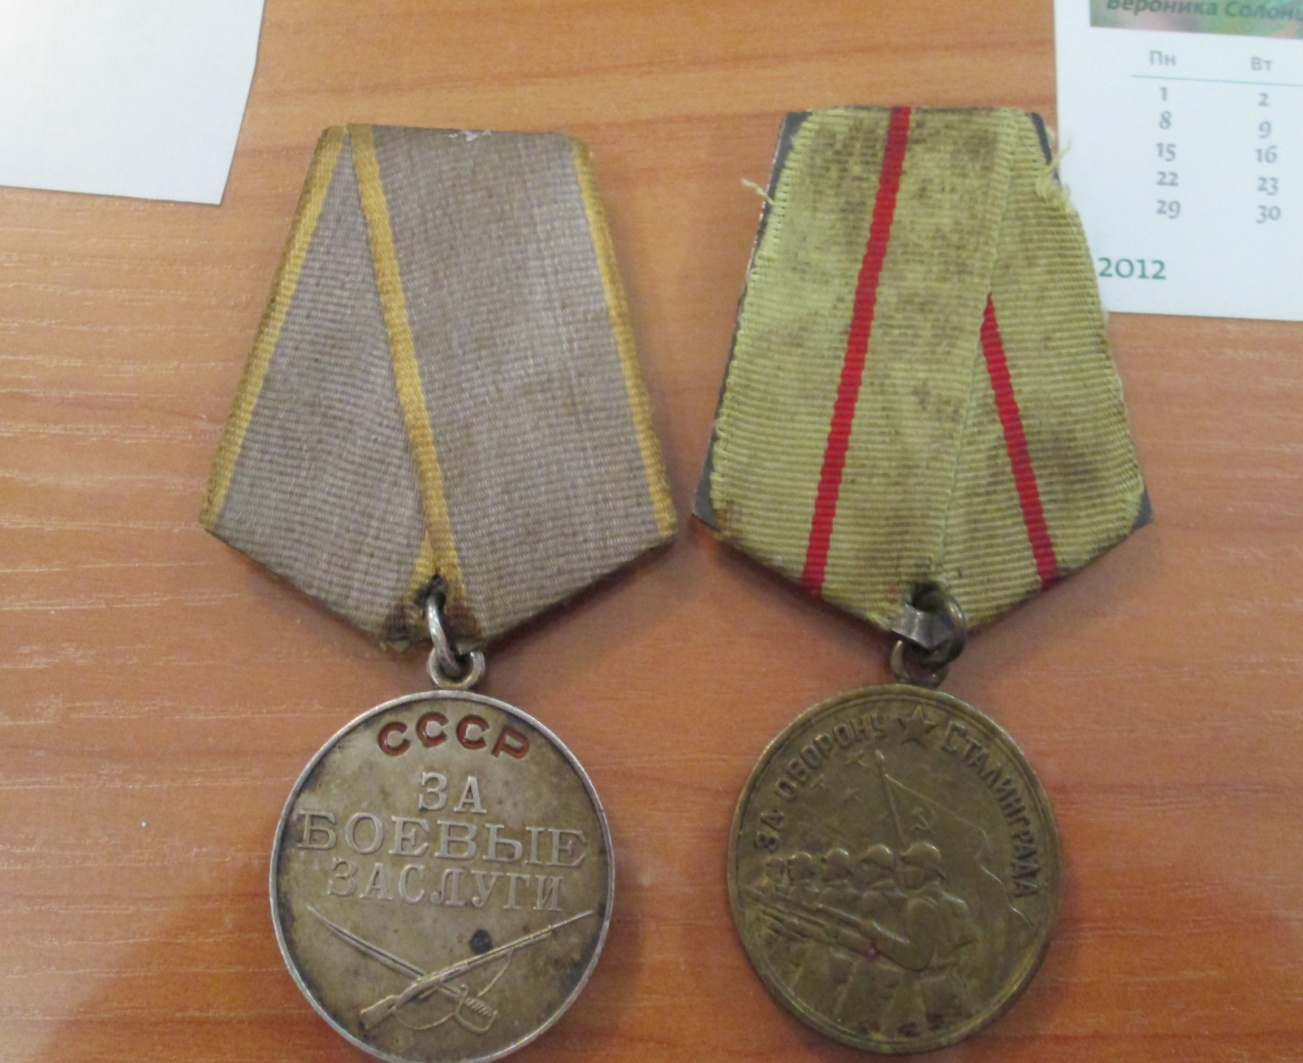 C:\Documents and Settings\Учитель\Рабочий стол\НПК Материалы о Бабенко\Удостоверение к медалям\Удост к медали 3.jpg